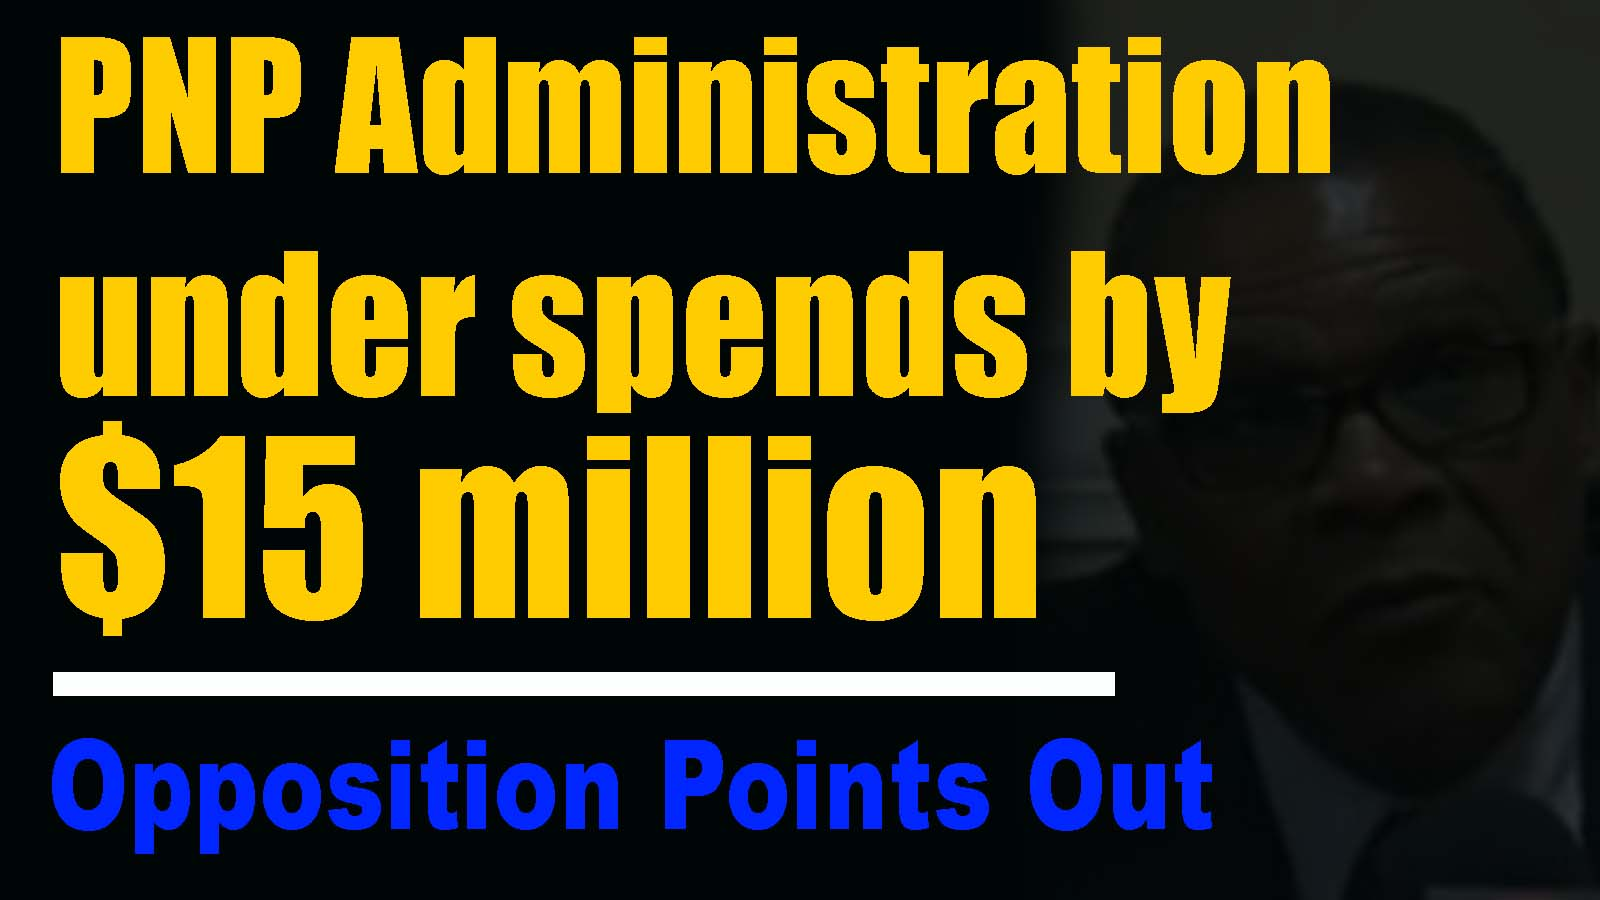 Underspend $15 million